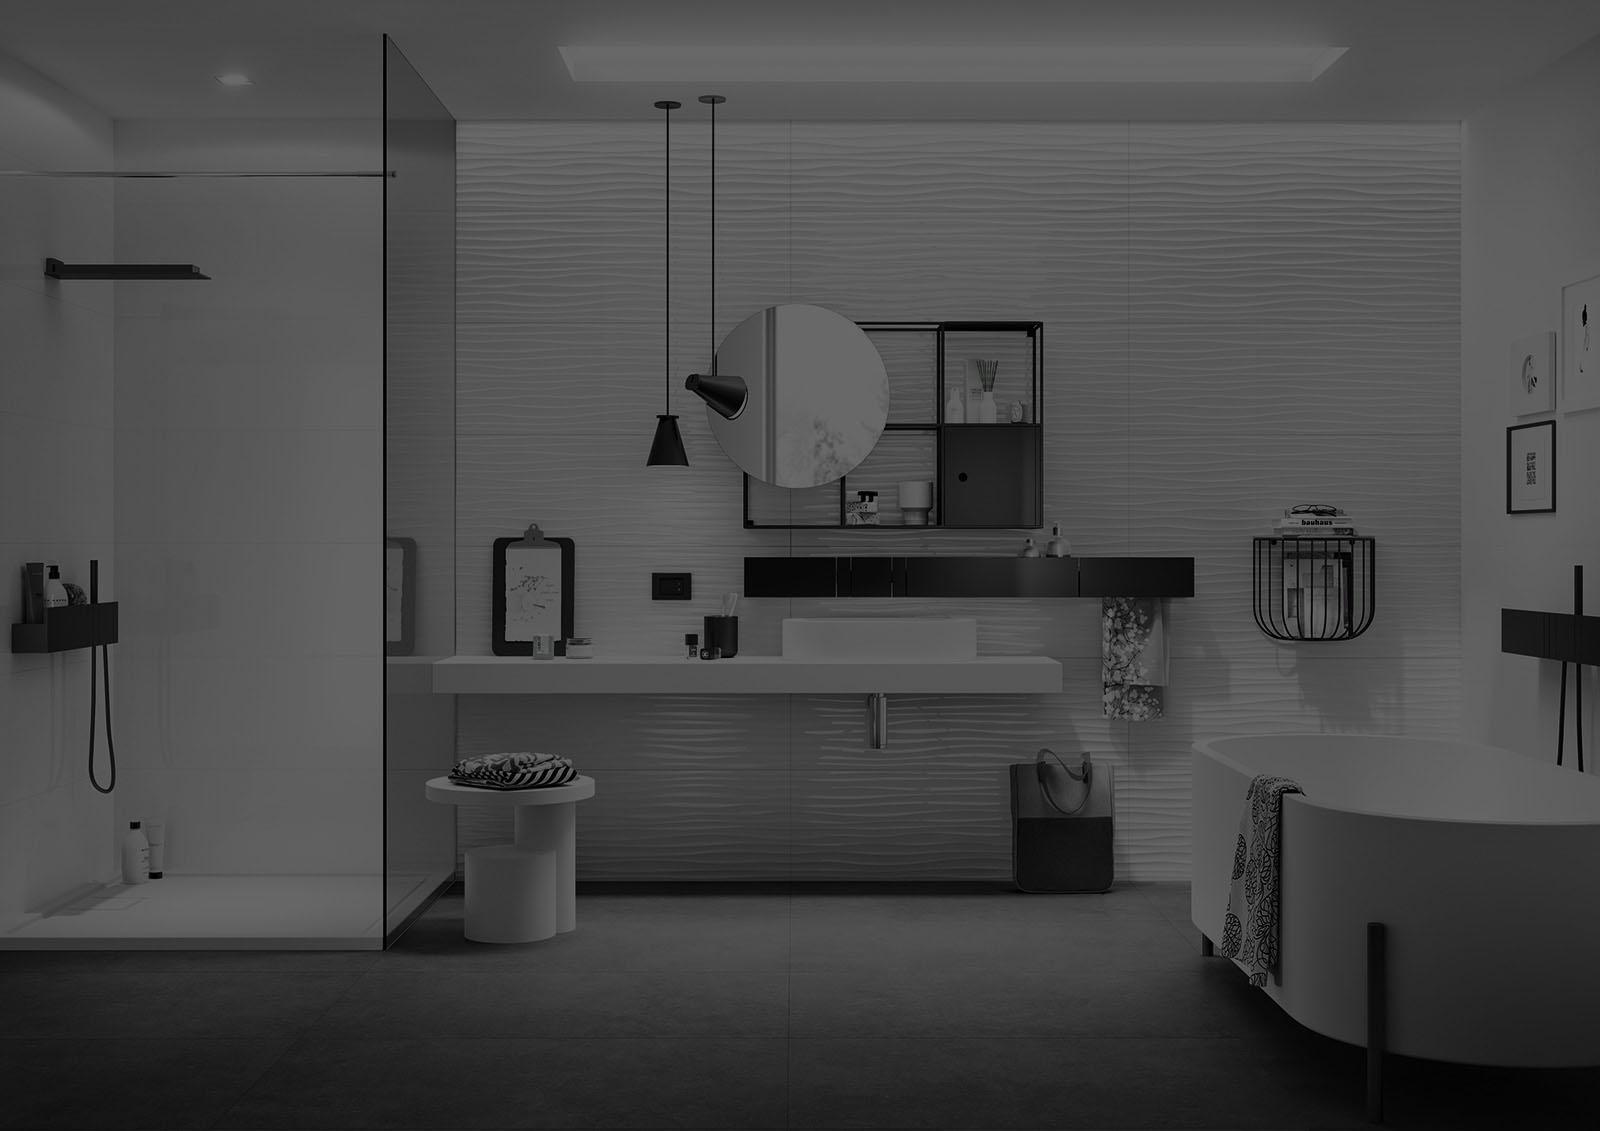 ceramiche arredo bagno pavimenti taranto - Dioguardi Commercial